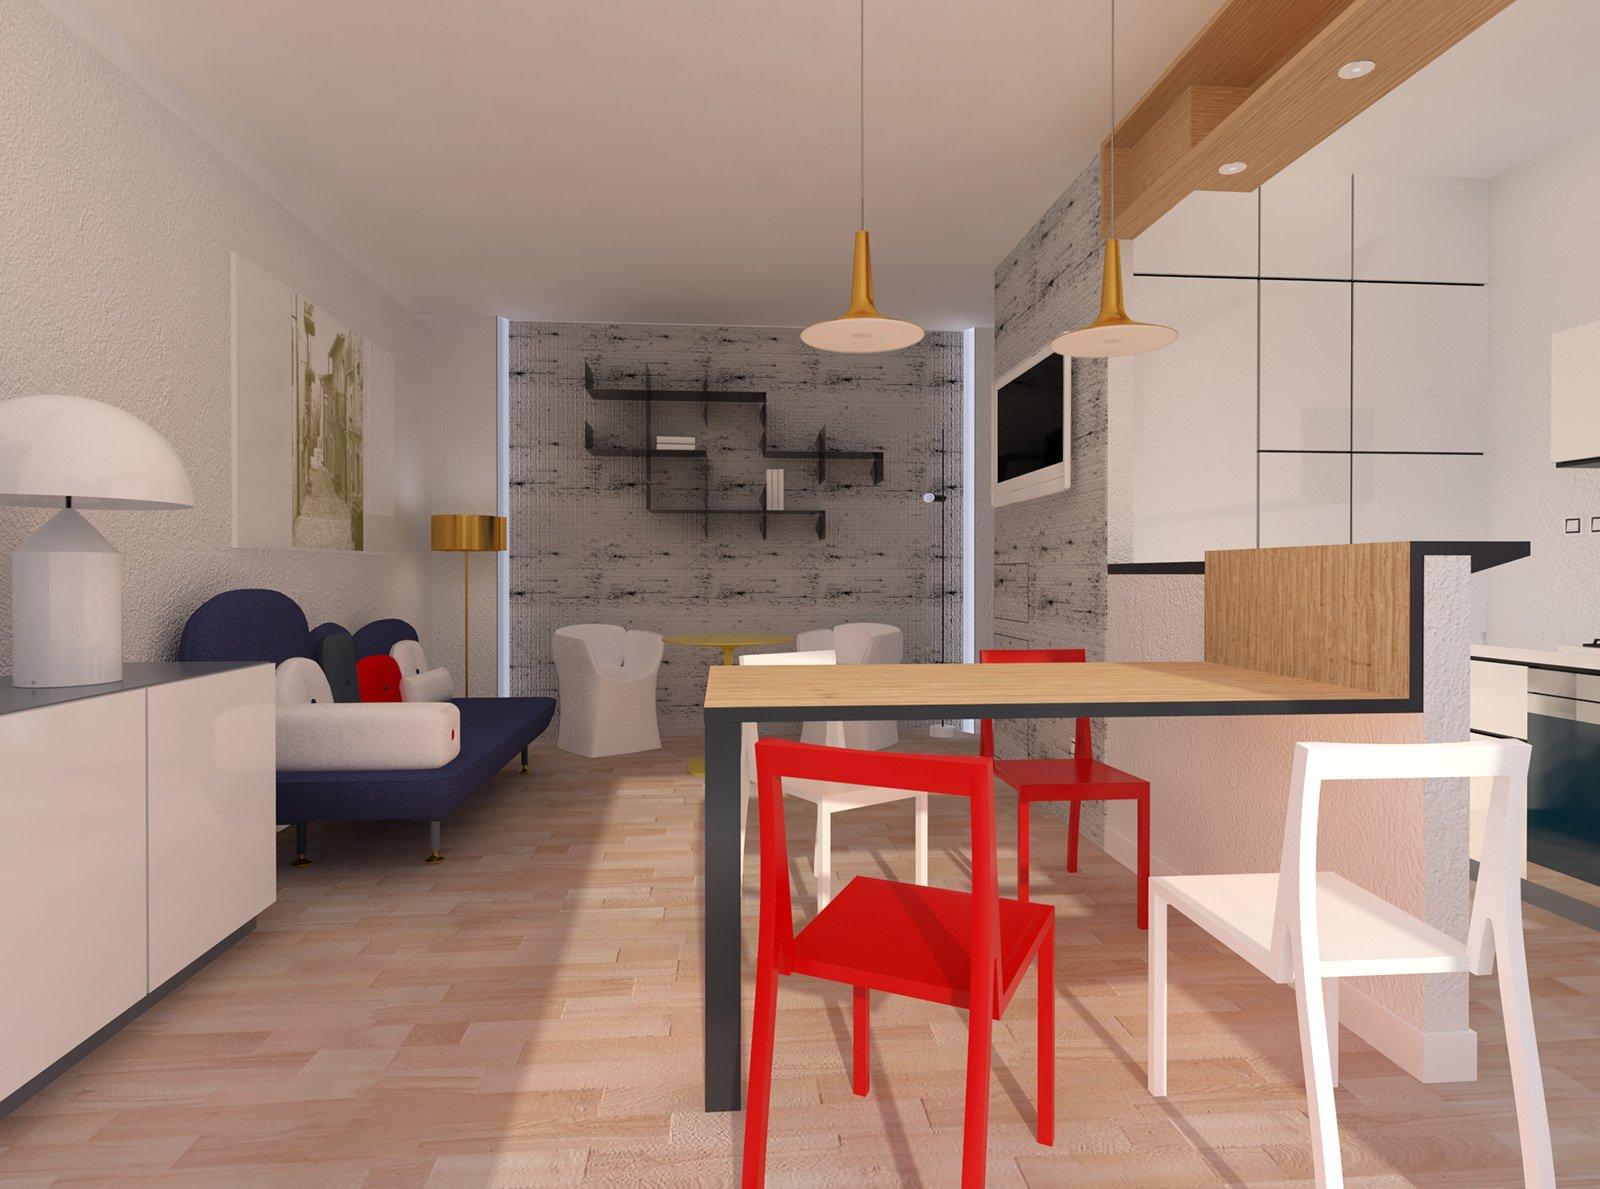 Arredare il soggiorno zona pranzo con cucina a vista for Arredamento colorato